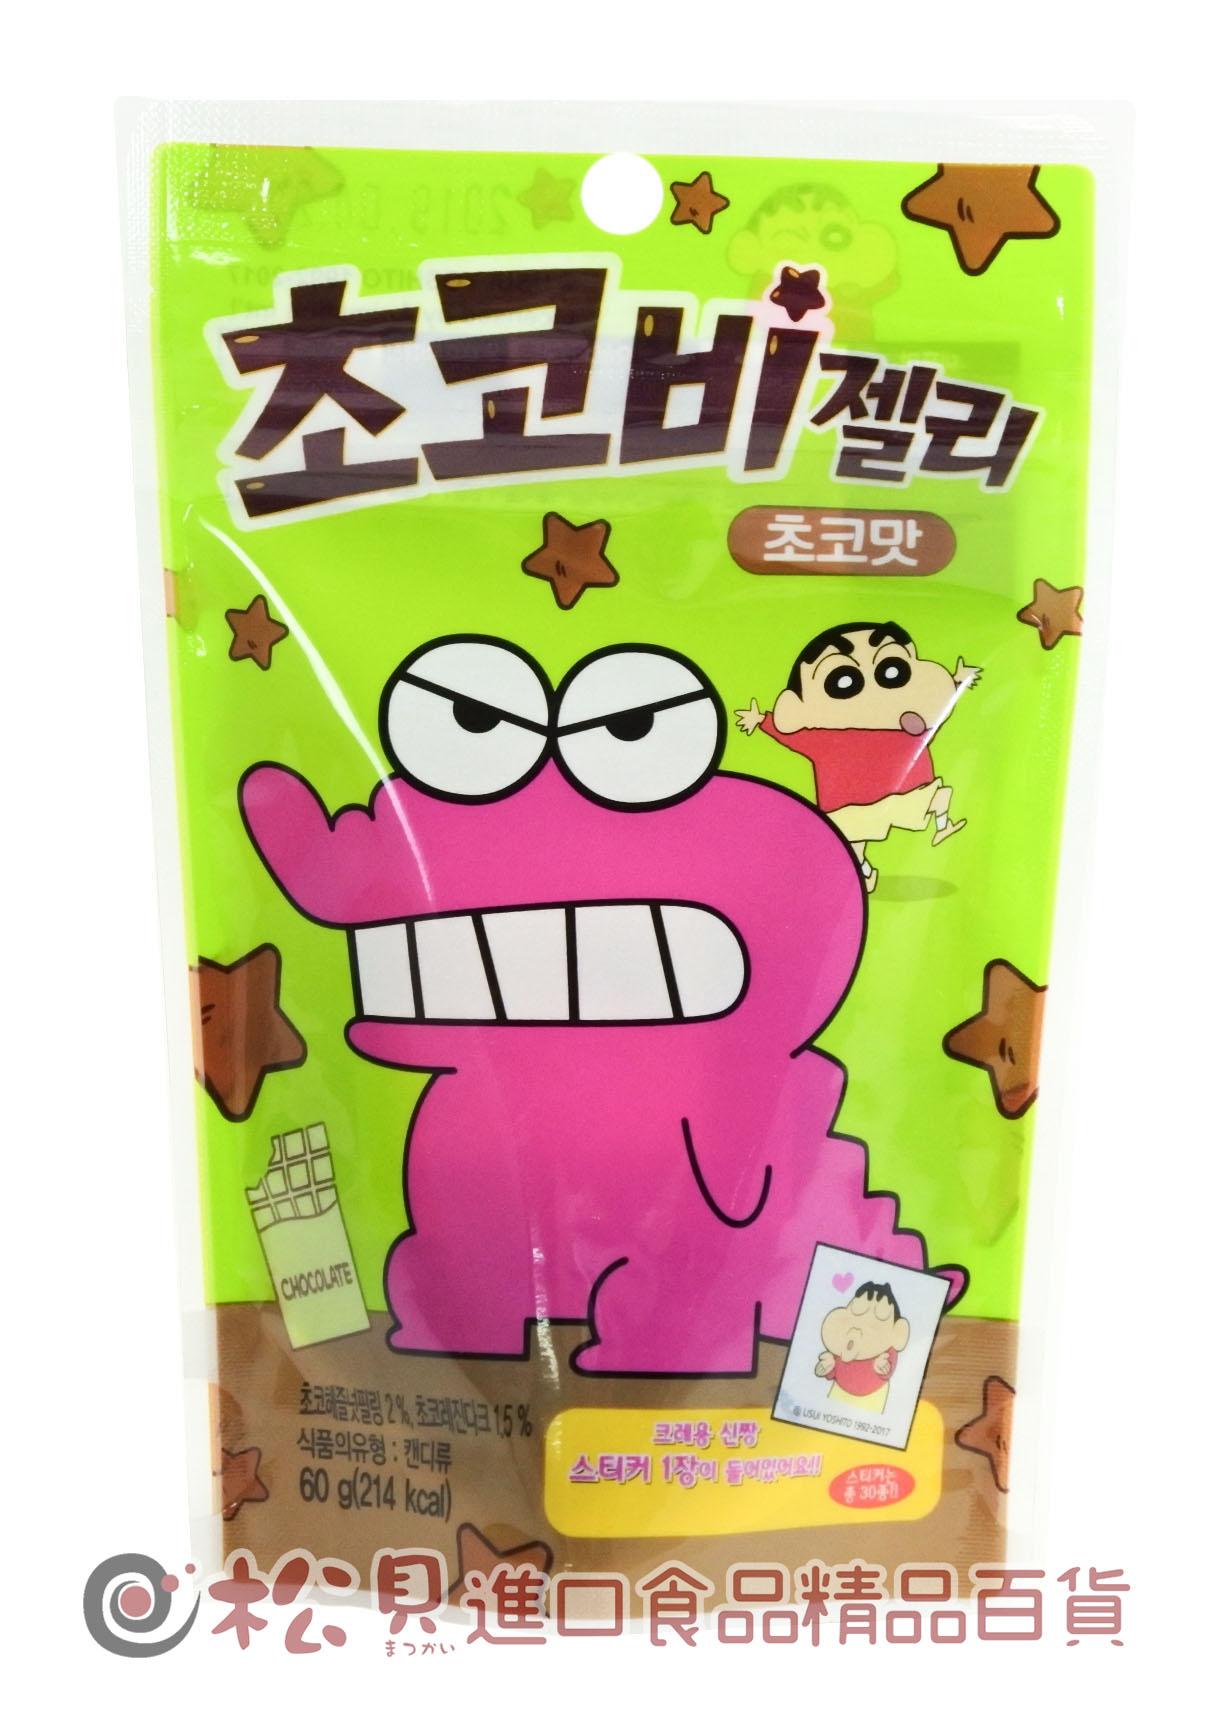 韓國蠟筆小新巧克力QQ糖60g【8809556150199】